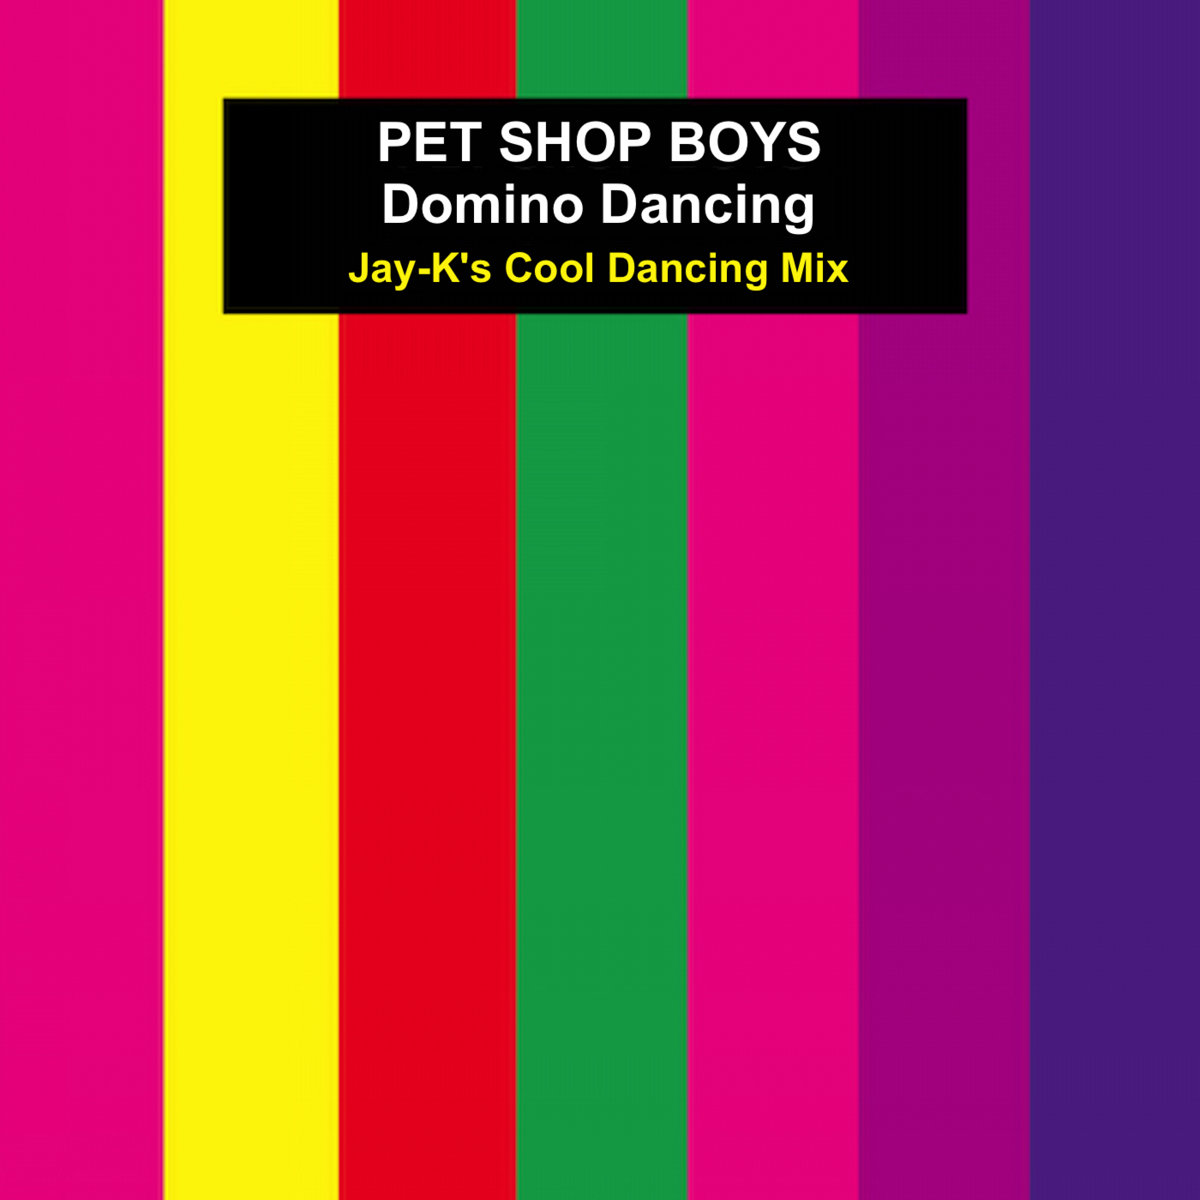 Pet shop boys скачать domino dancing.